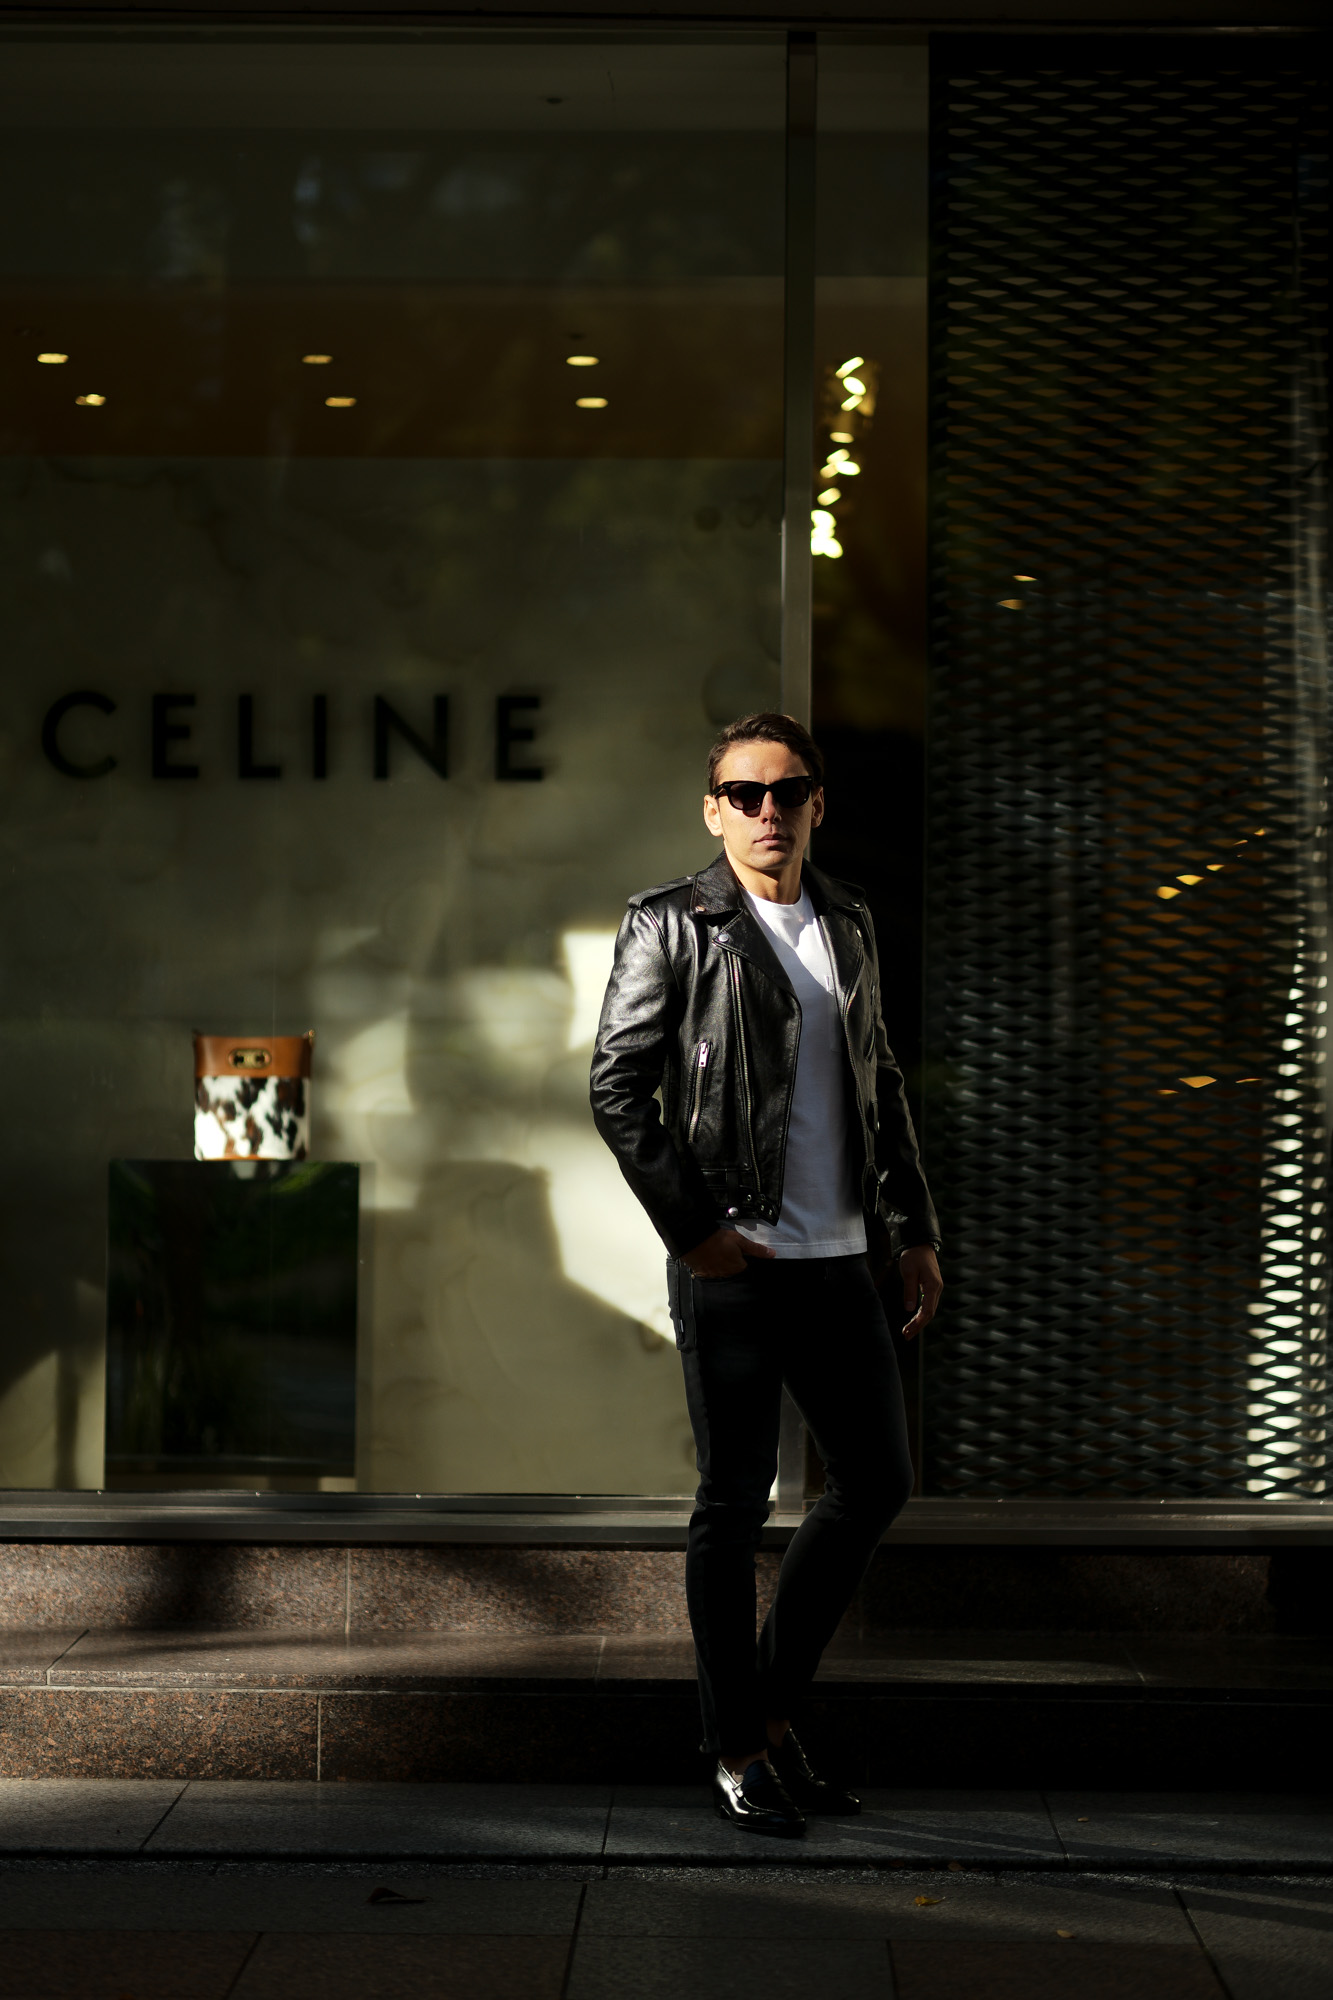 CELINE (セリーヌ) CLASSIC BIKER CALF SKIN (クラシックバイカー カーフスキン) カーフレザー ダブル ライダース ジャケット BLACK (ブラック) Made in italy (イタリア製) 2020 秋冬新作 愛知 名古屋 Alto e Diritto altoediritto アルトエデリット 44 46 48 50 52 54